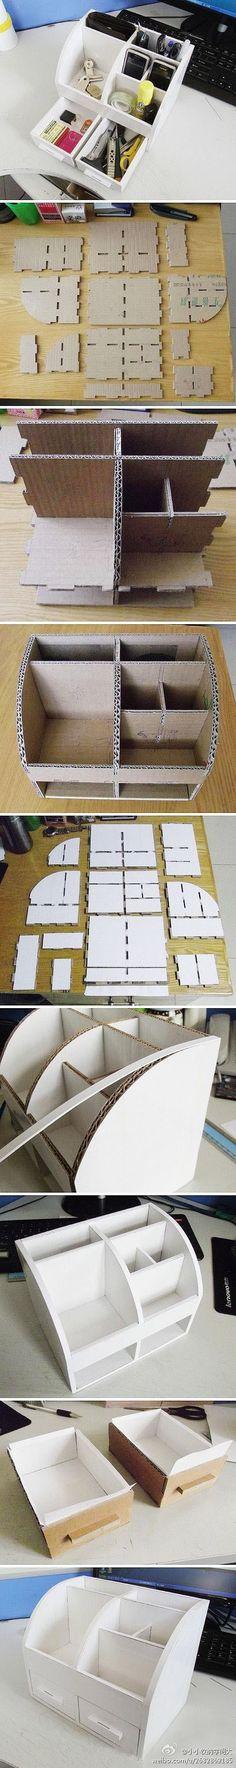 办公室的杂物们有家喽~~利用手边的硬纸盒自己做个整理箱吧~~超实用哒!